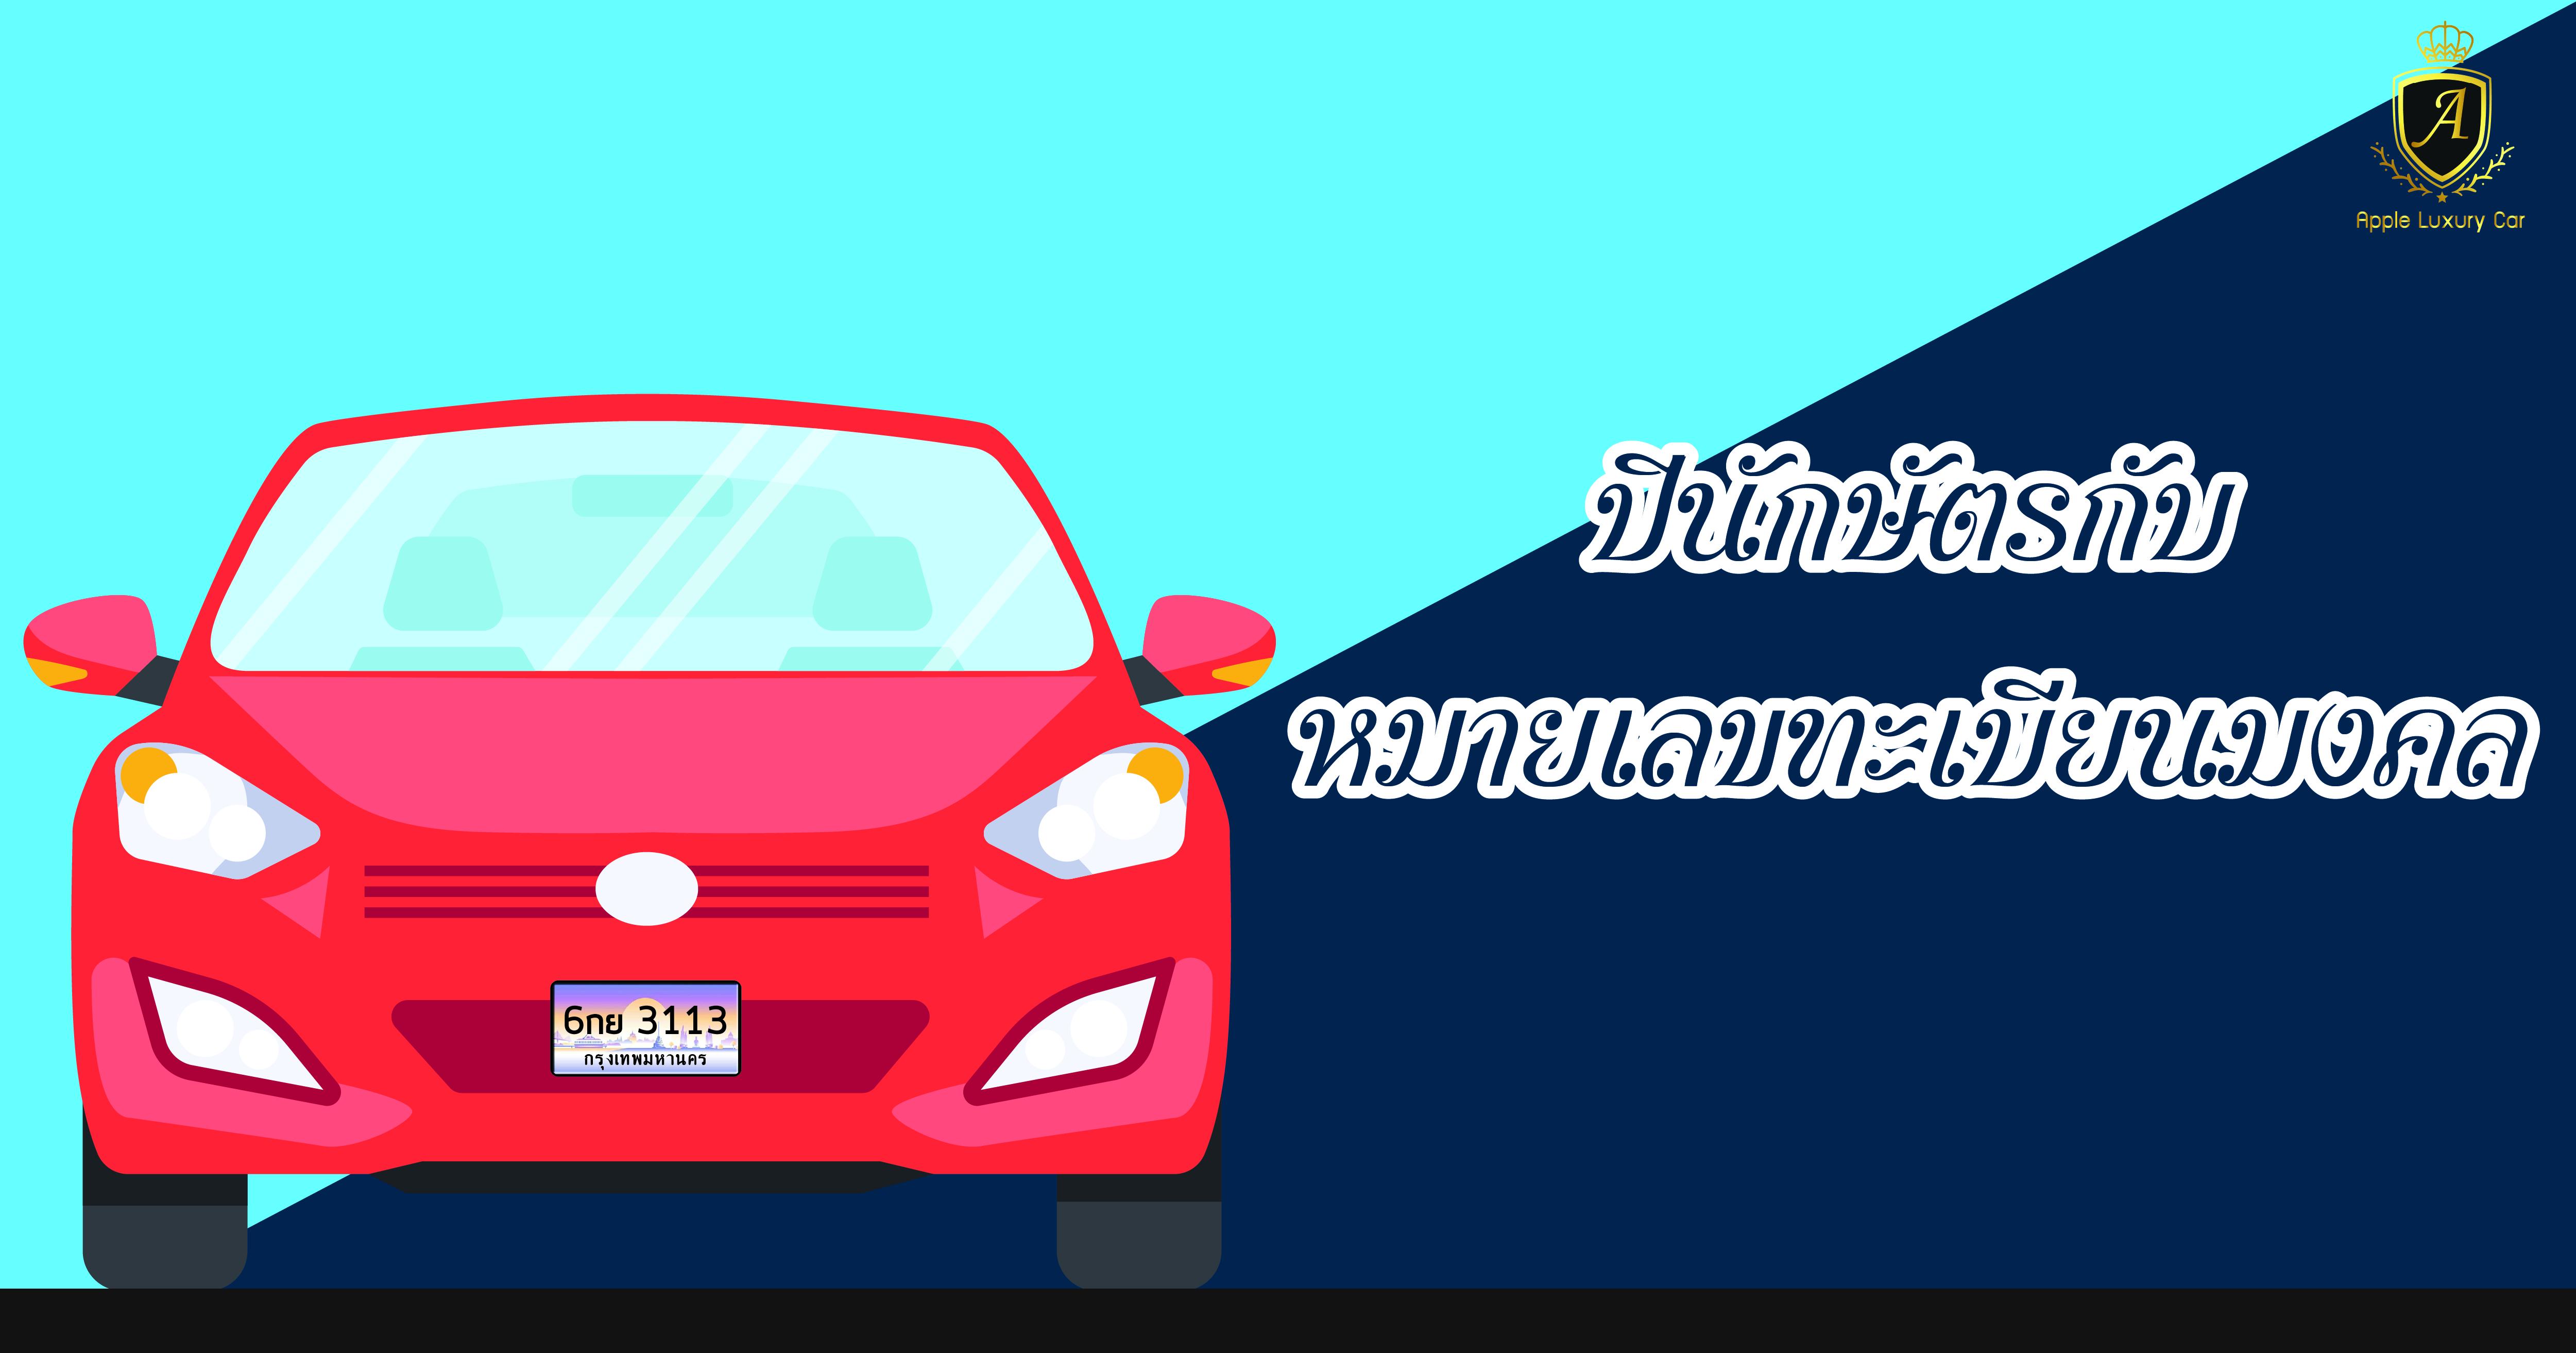 ปีนักษัตรกับหมายเลขทะเบียนมงคล | Apple Luxury Car โชว์รูมรถหรูมือสอง